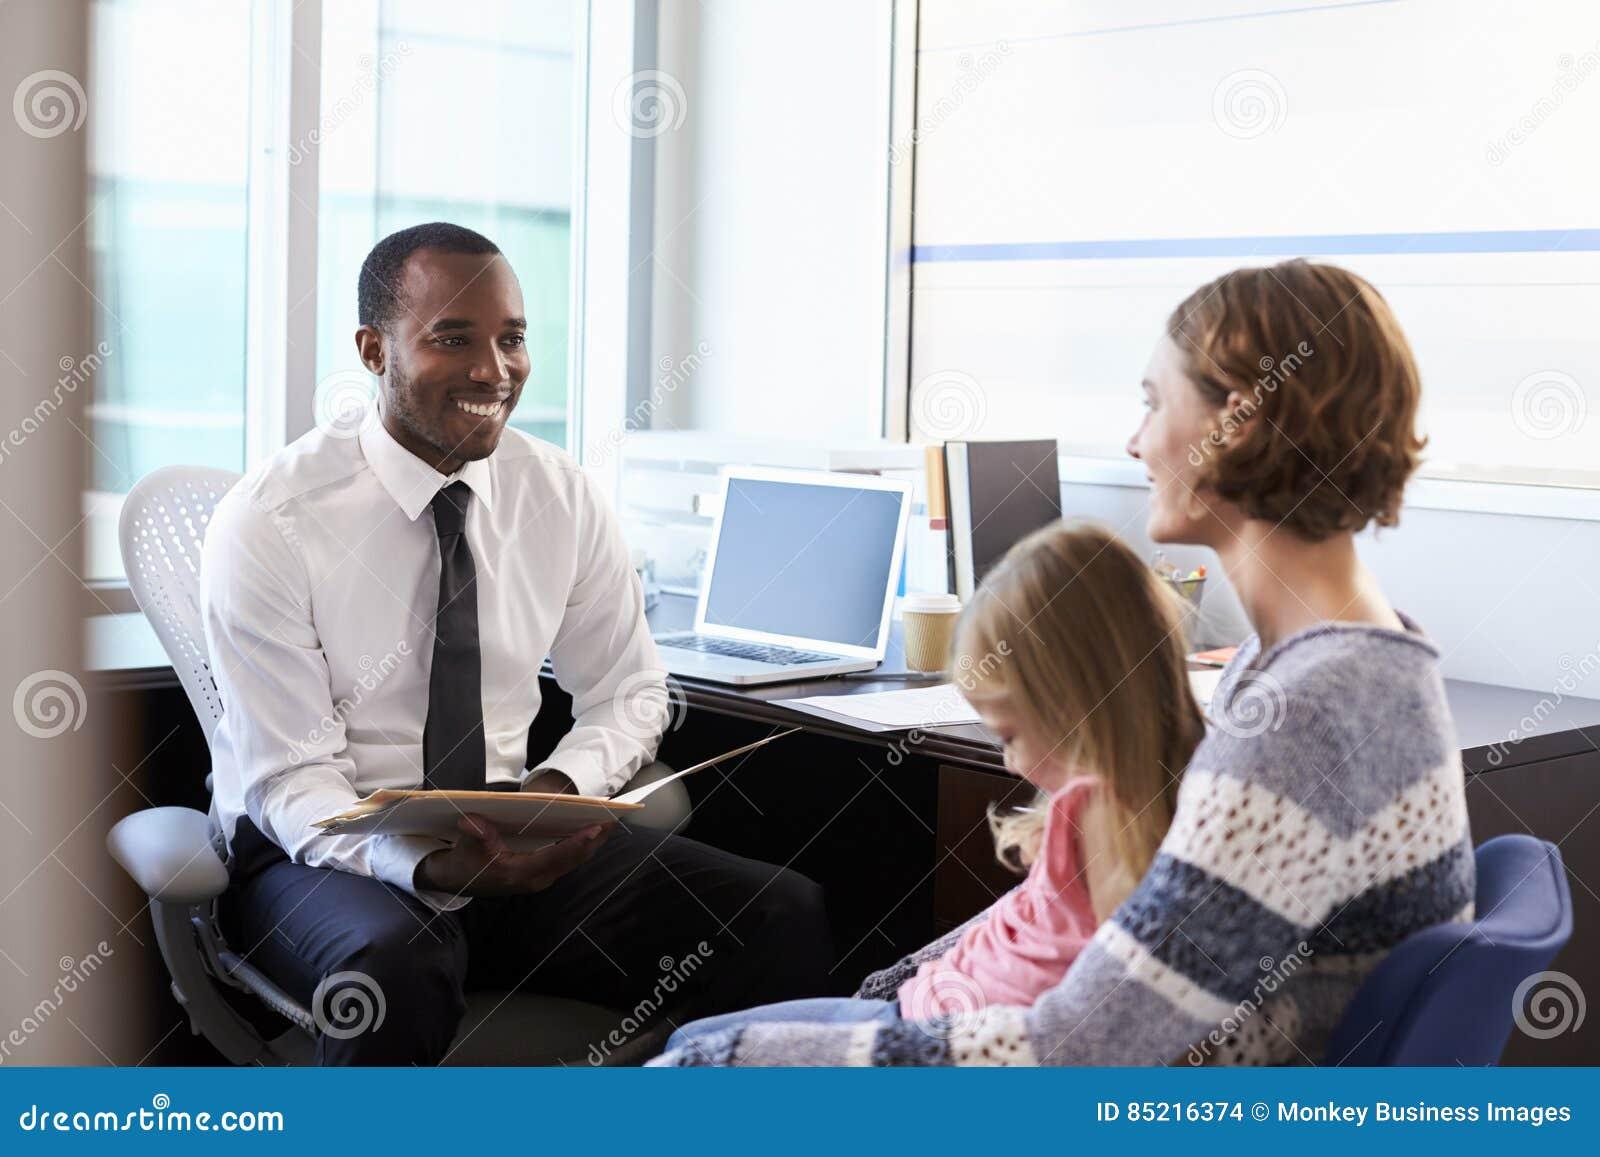 Συνεδρίαση των παιδιάτρων με τη μητέρα και το παιδί στο νοσοκομείο